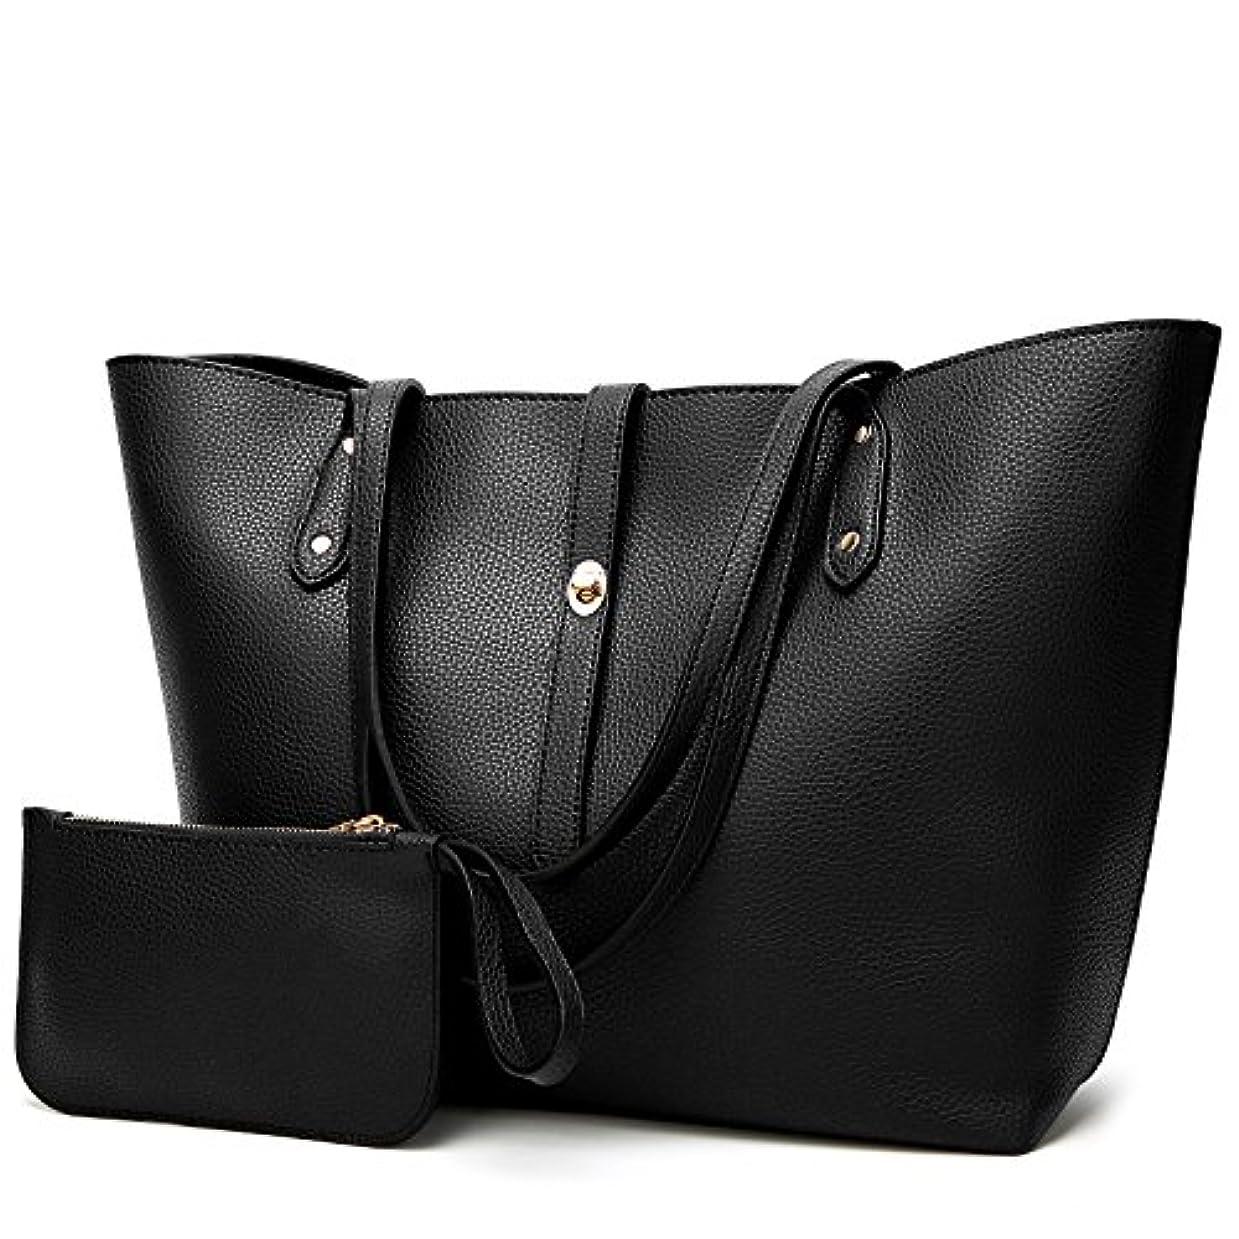 ターゲットバンジョー専門[TcIFE] ハンドバッグ レディース トートバッグ 大容量 無地 ショルダーバッグ 2way 財布とハンドバッグ